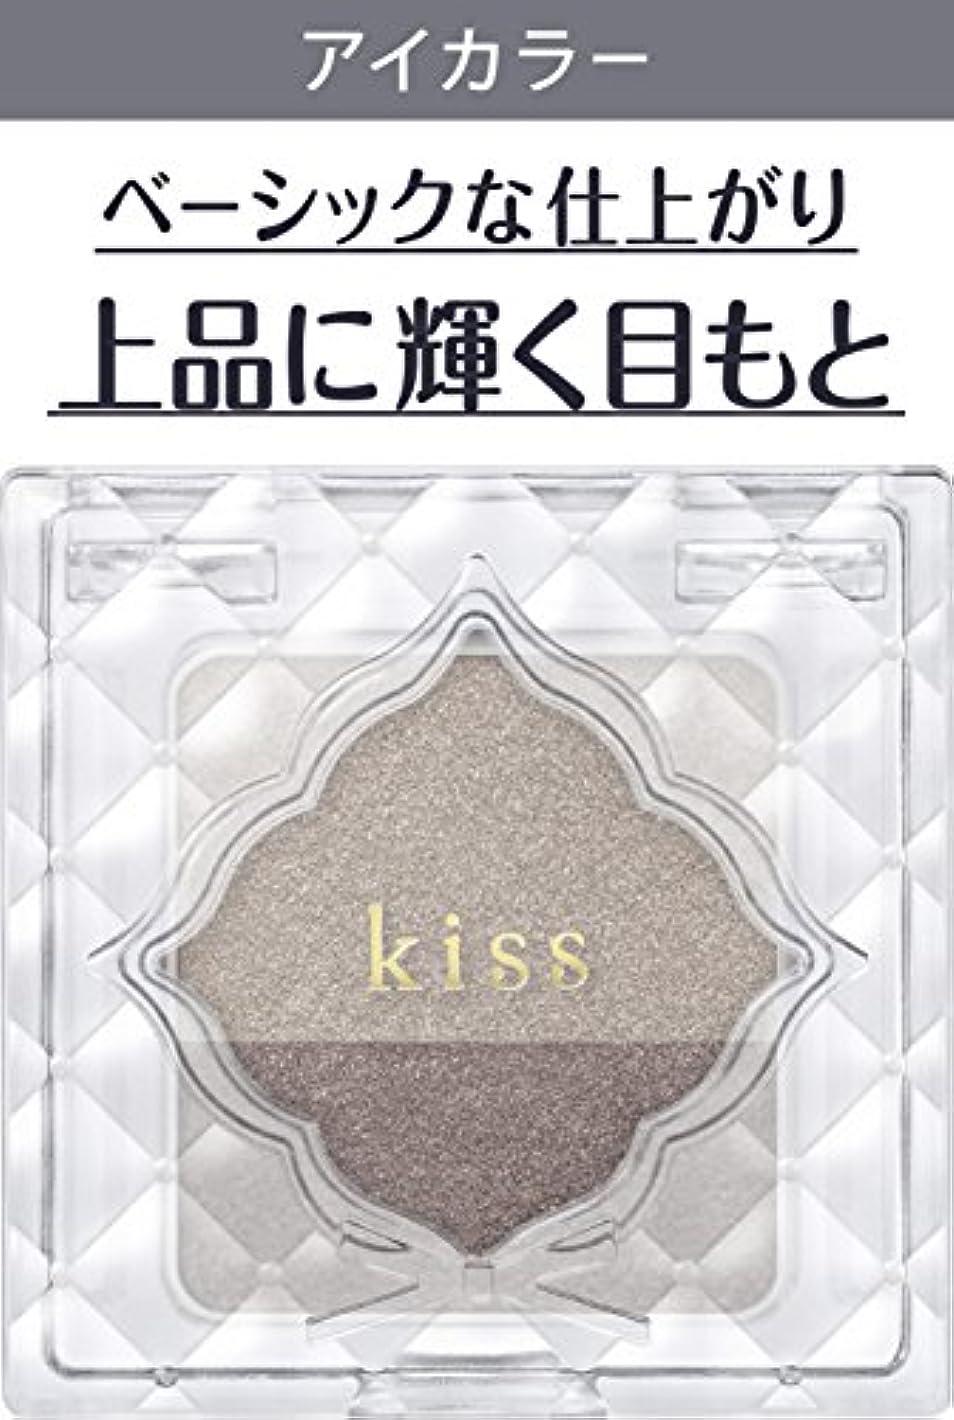 方法論過敏な木材kiss デュアルアイズB01